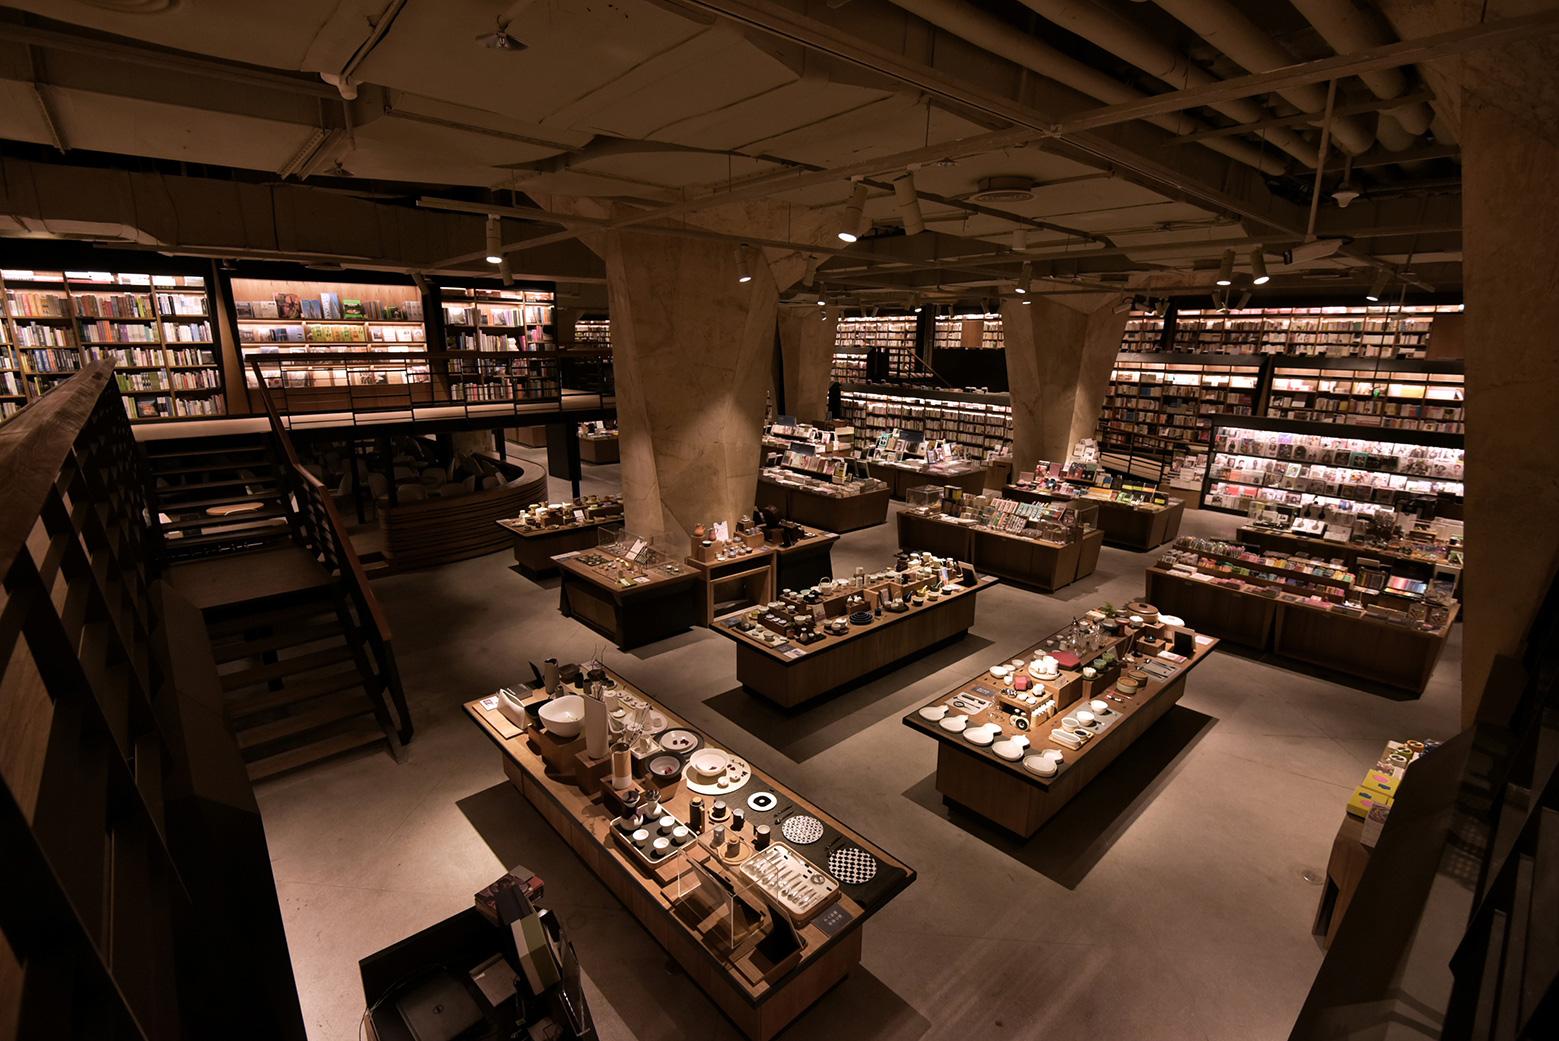 Fangsuo Book Store in Chengdu / Chu Chih-Kang (13)